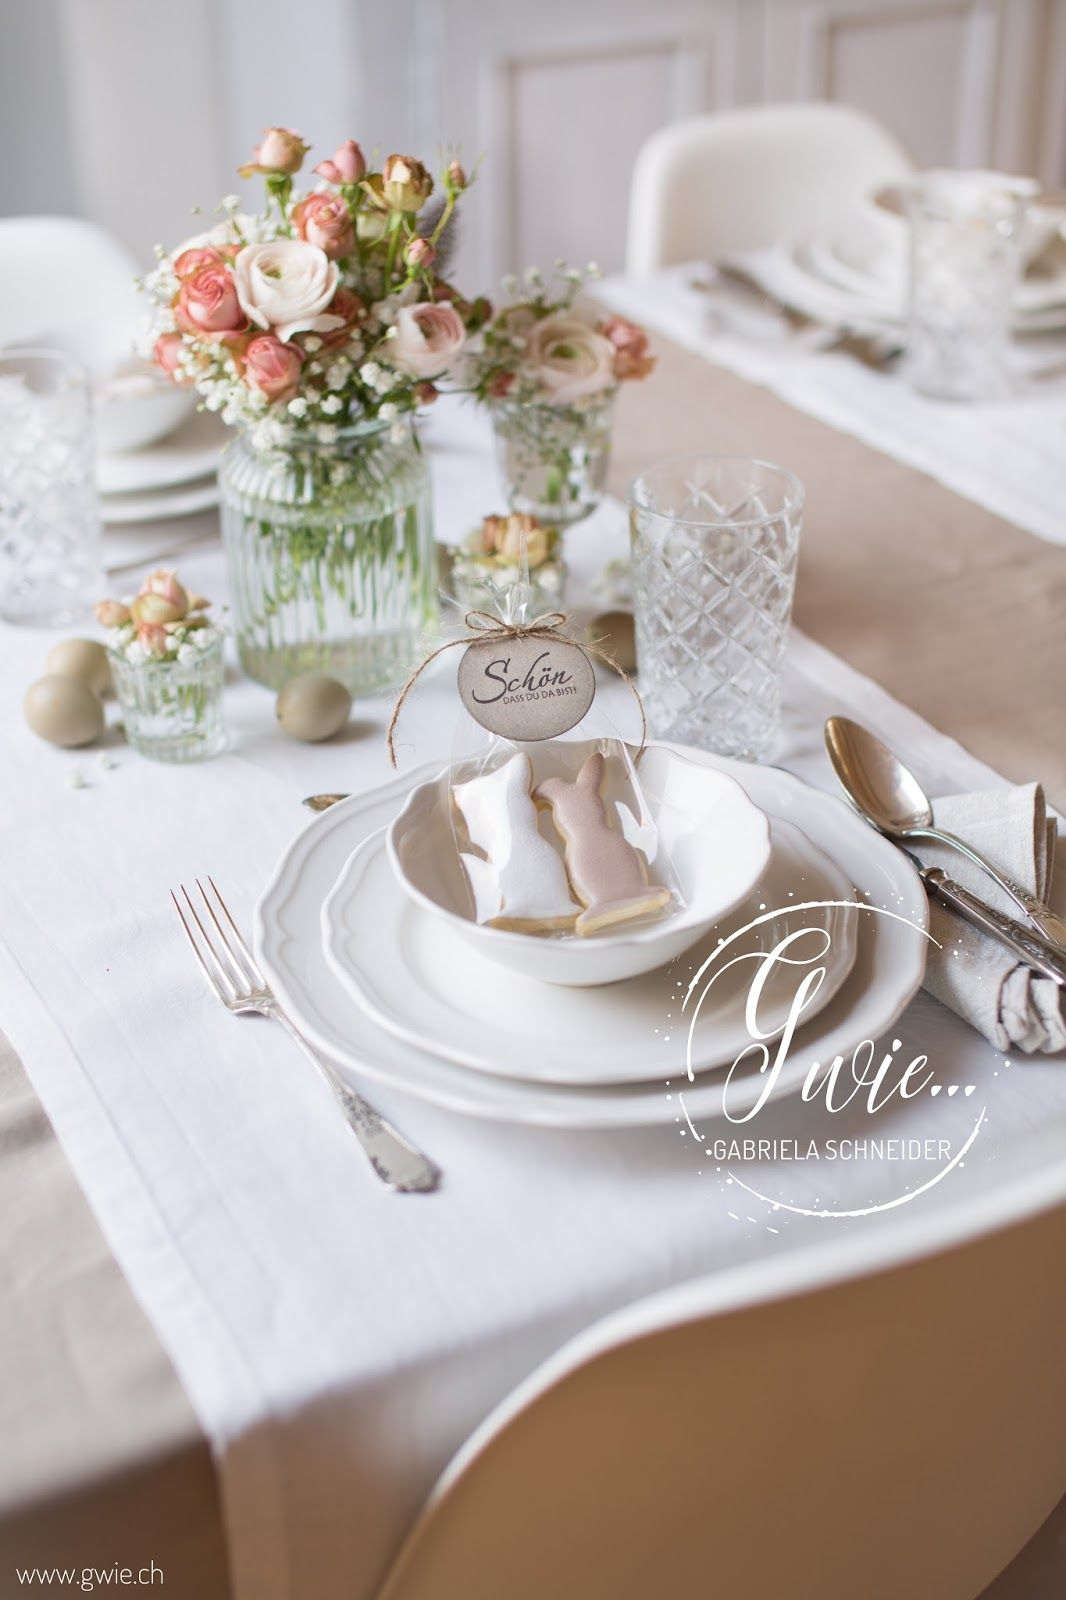 Tisch Gedeckt Tischdeko Tisch Eindecken Ostern Zaubercake Cake